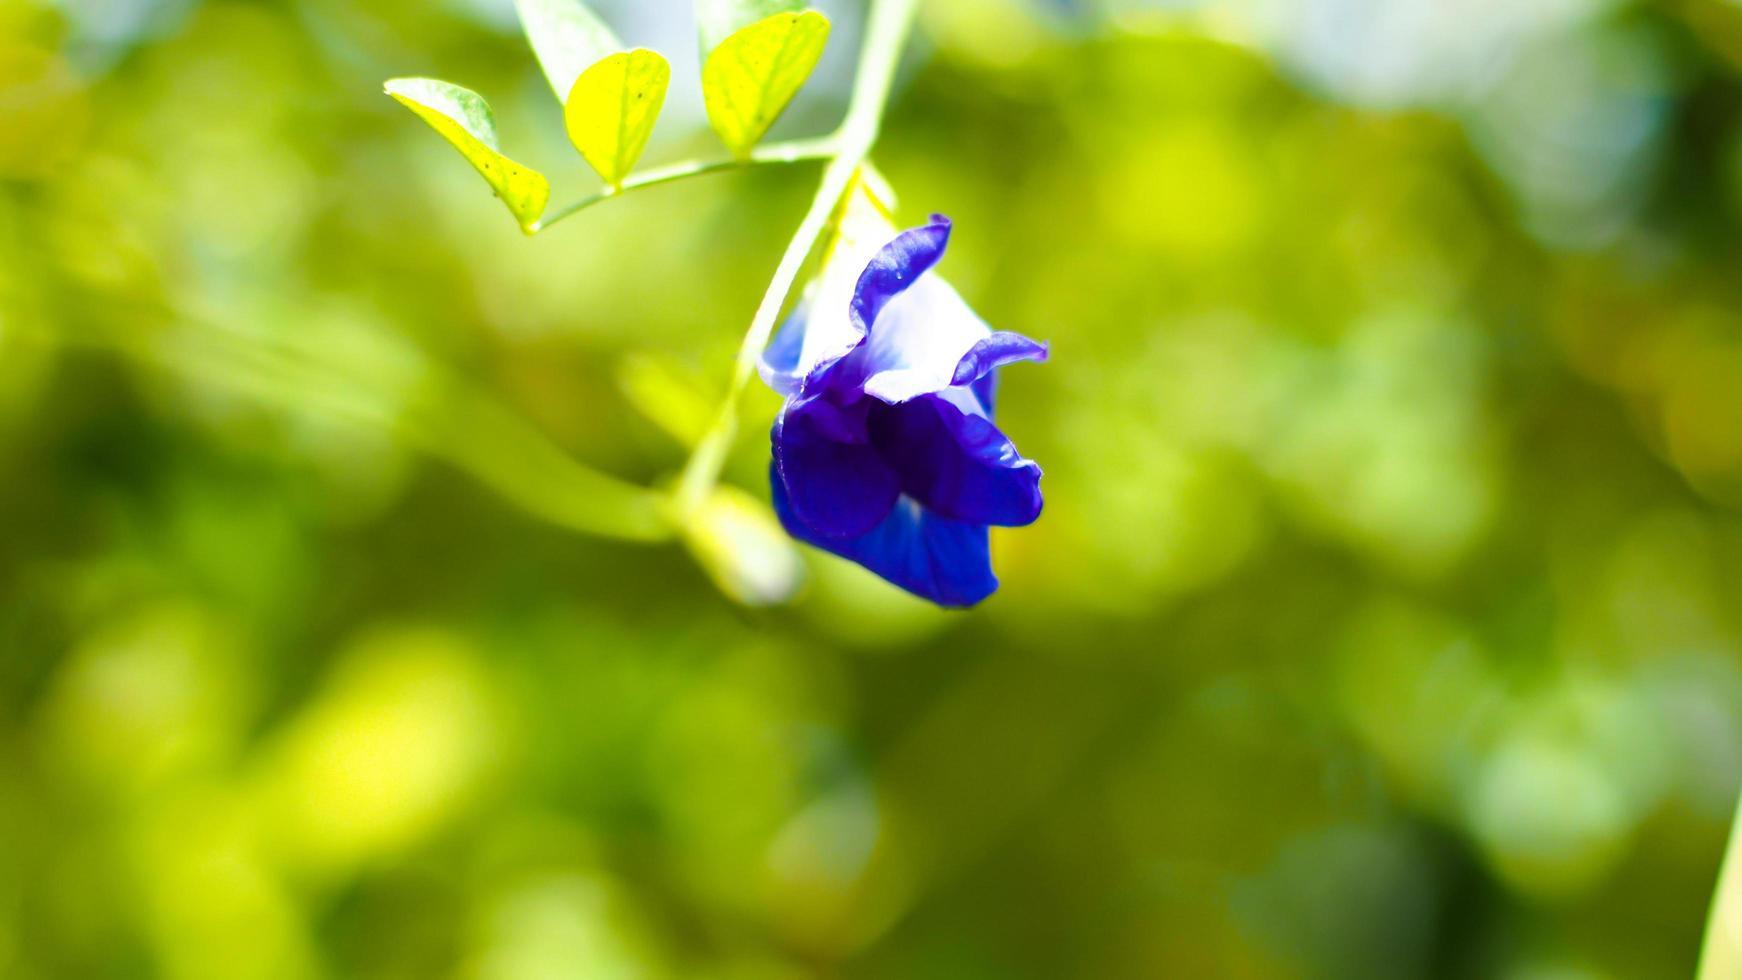 pigeonwings bluebellvine blauwe erwt bloem foto